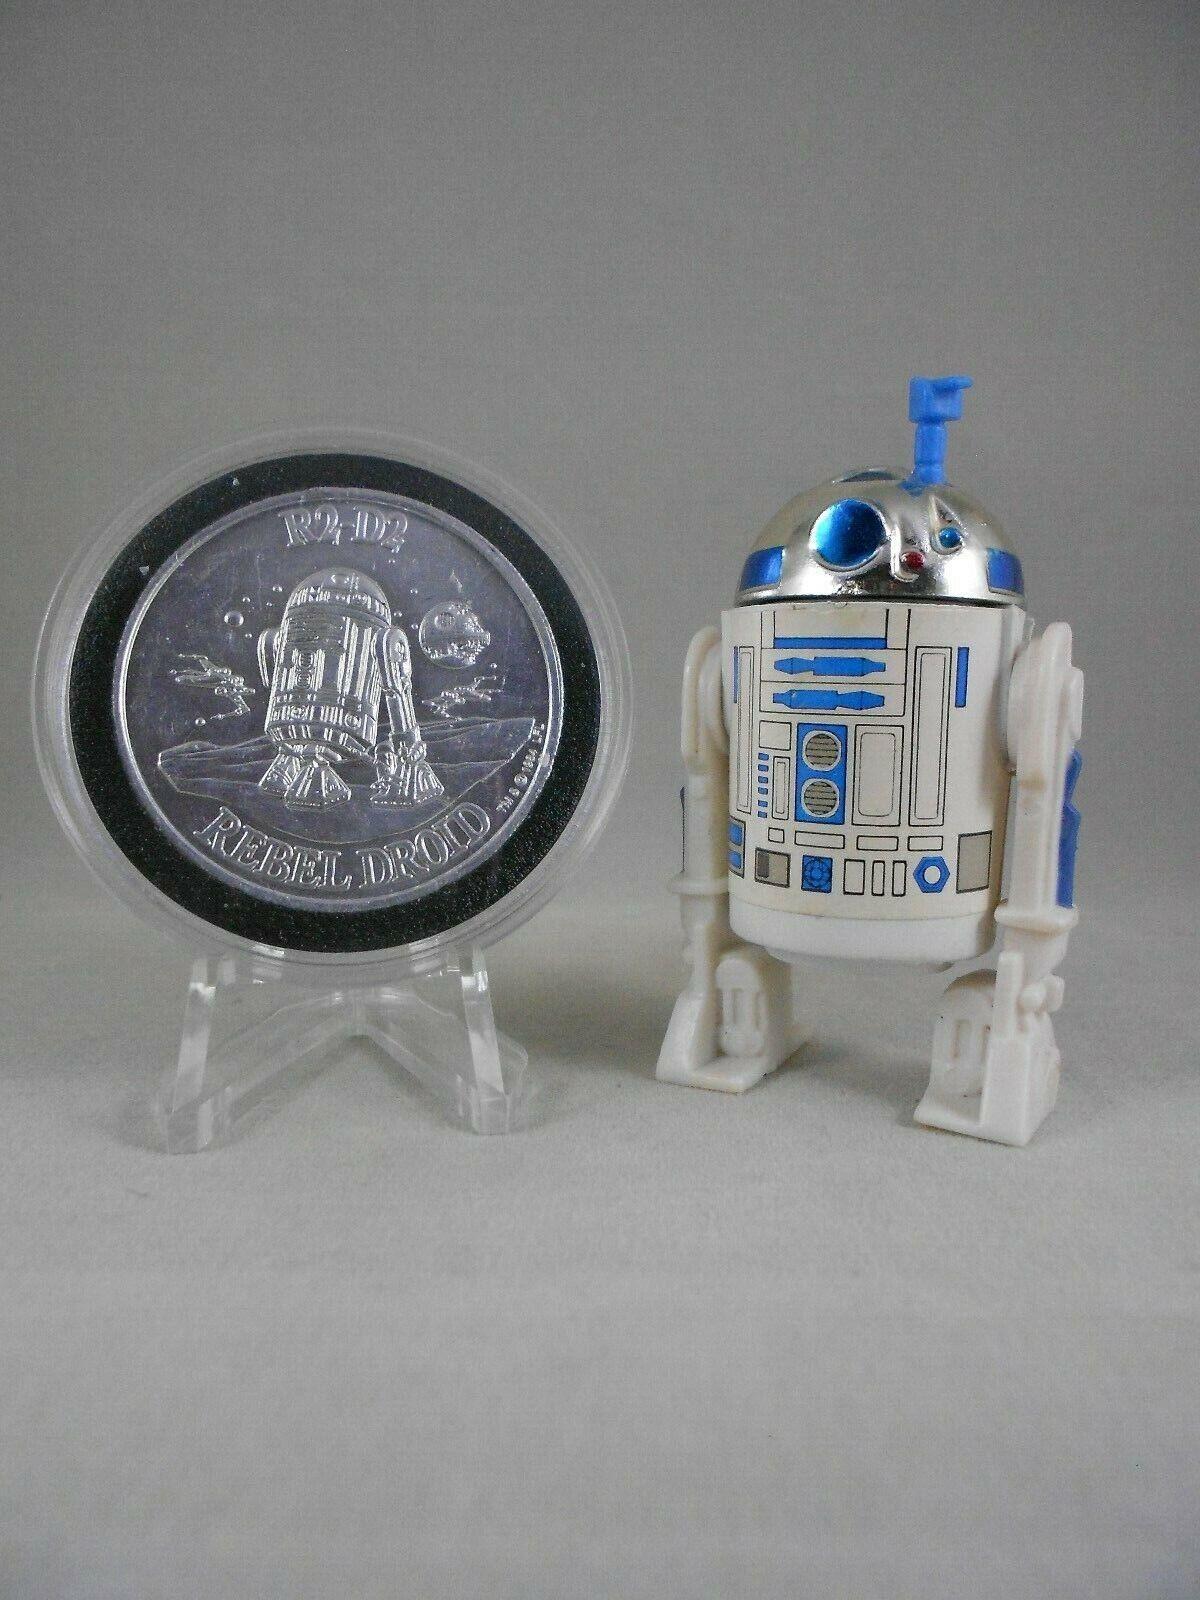 De colección Guerra de las galaxias 1981 R2-D2 Sensor   e n Menta  manga de Vintage  con 1985 Potf moneda